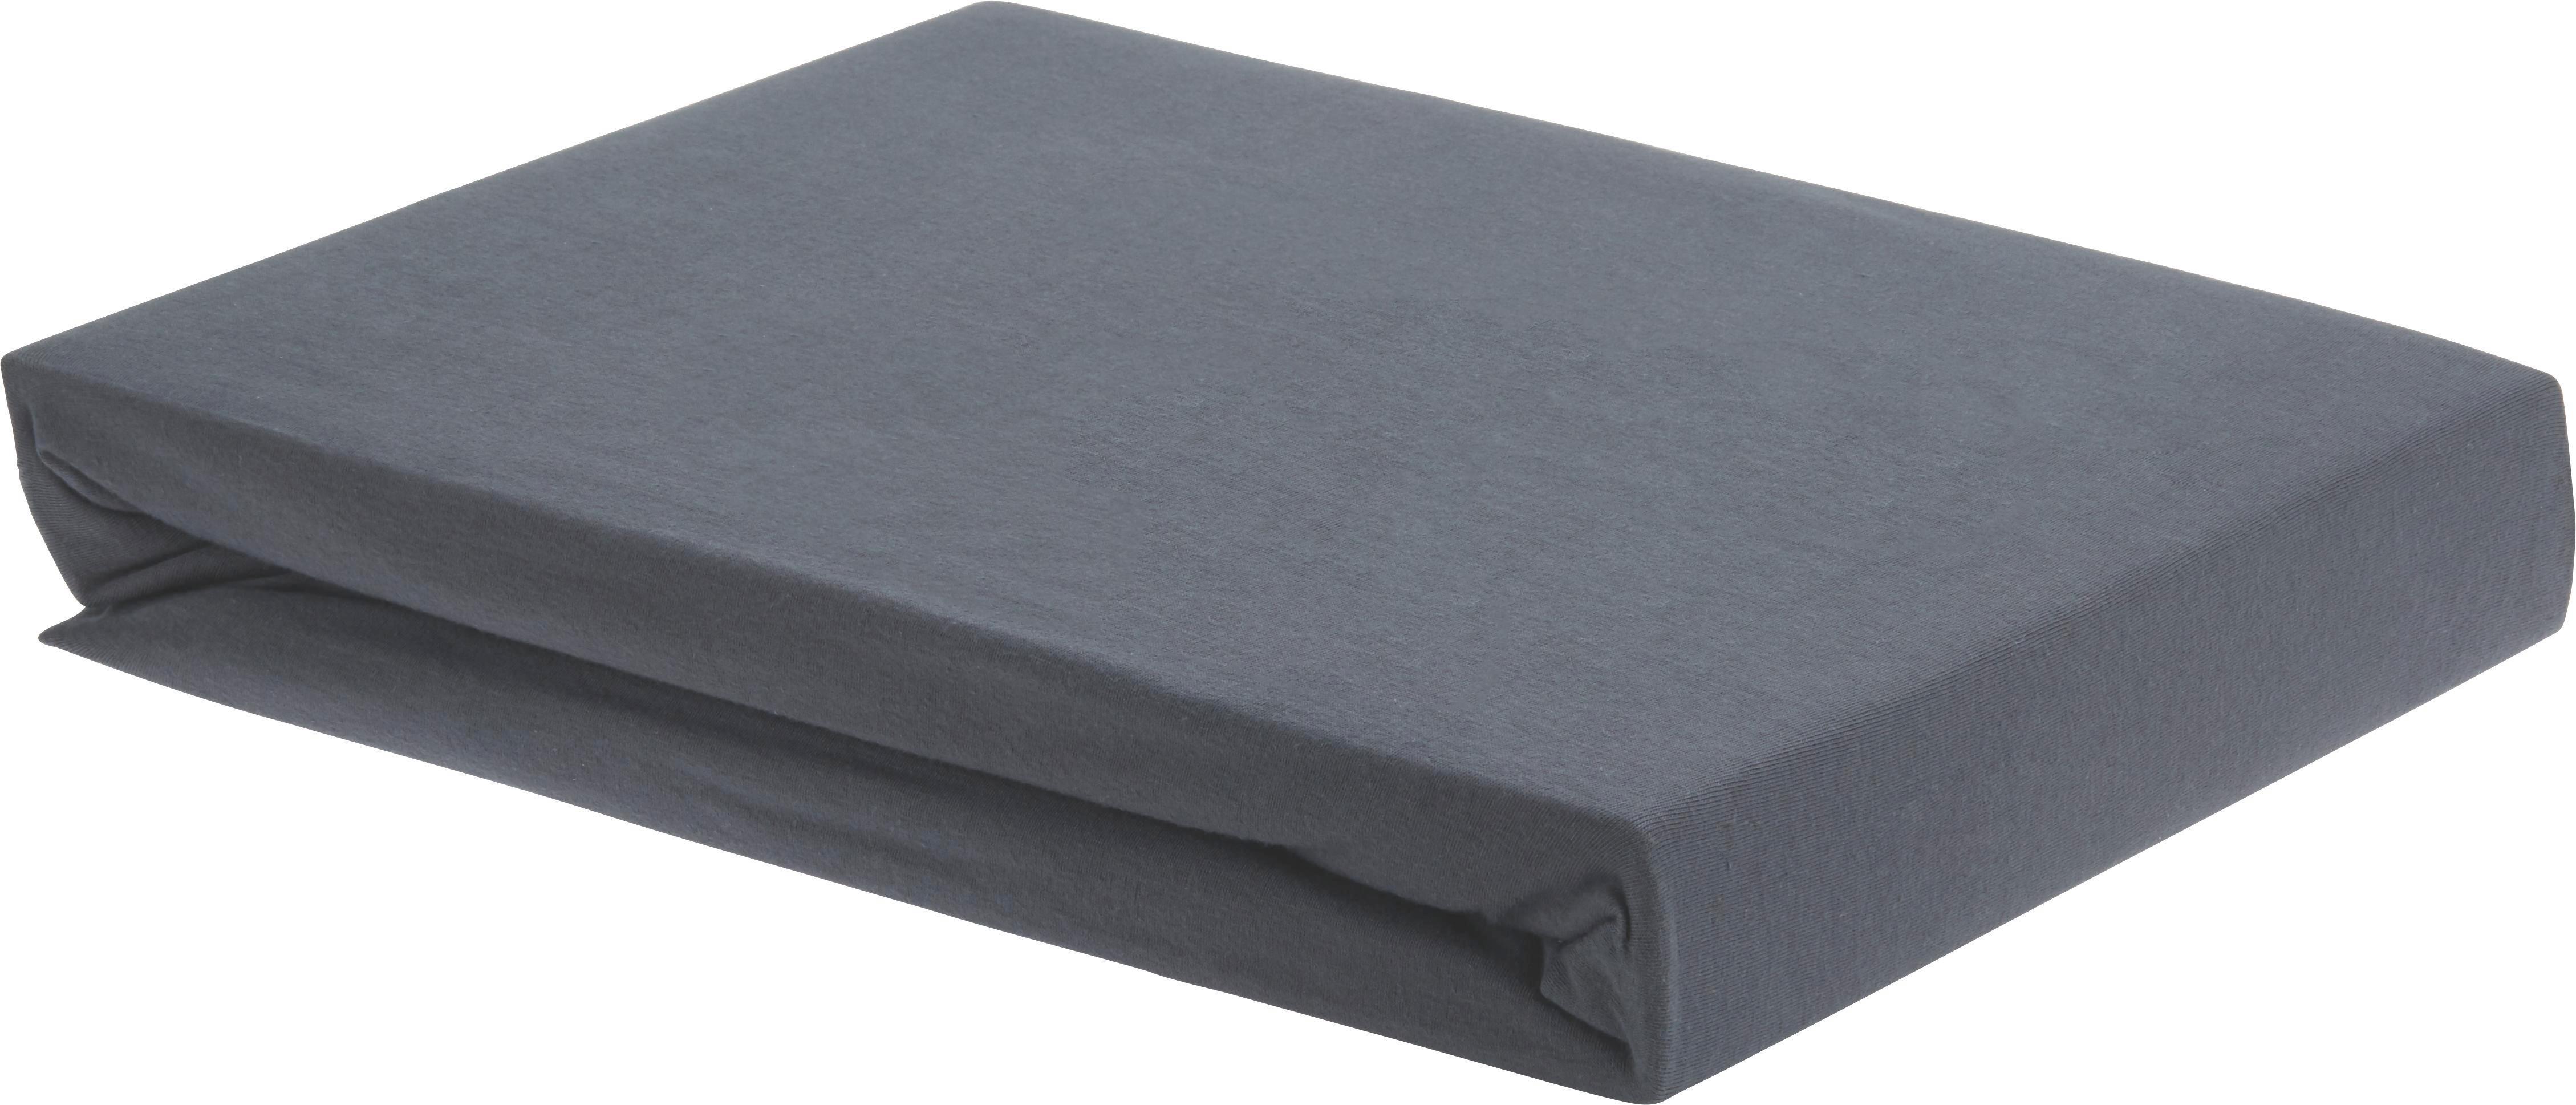 Gumis Lepedő Elasthan - antracit, textil (100/200/28cm) - premium living